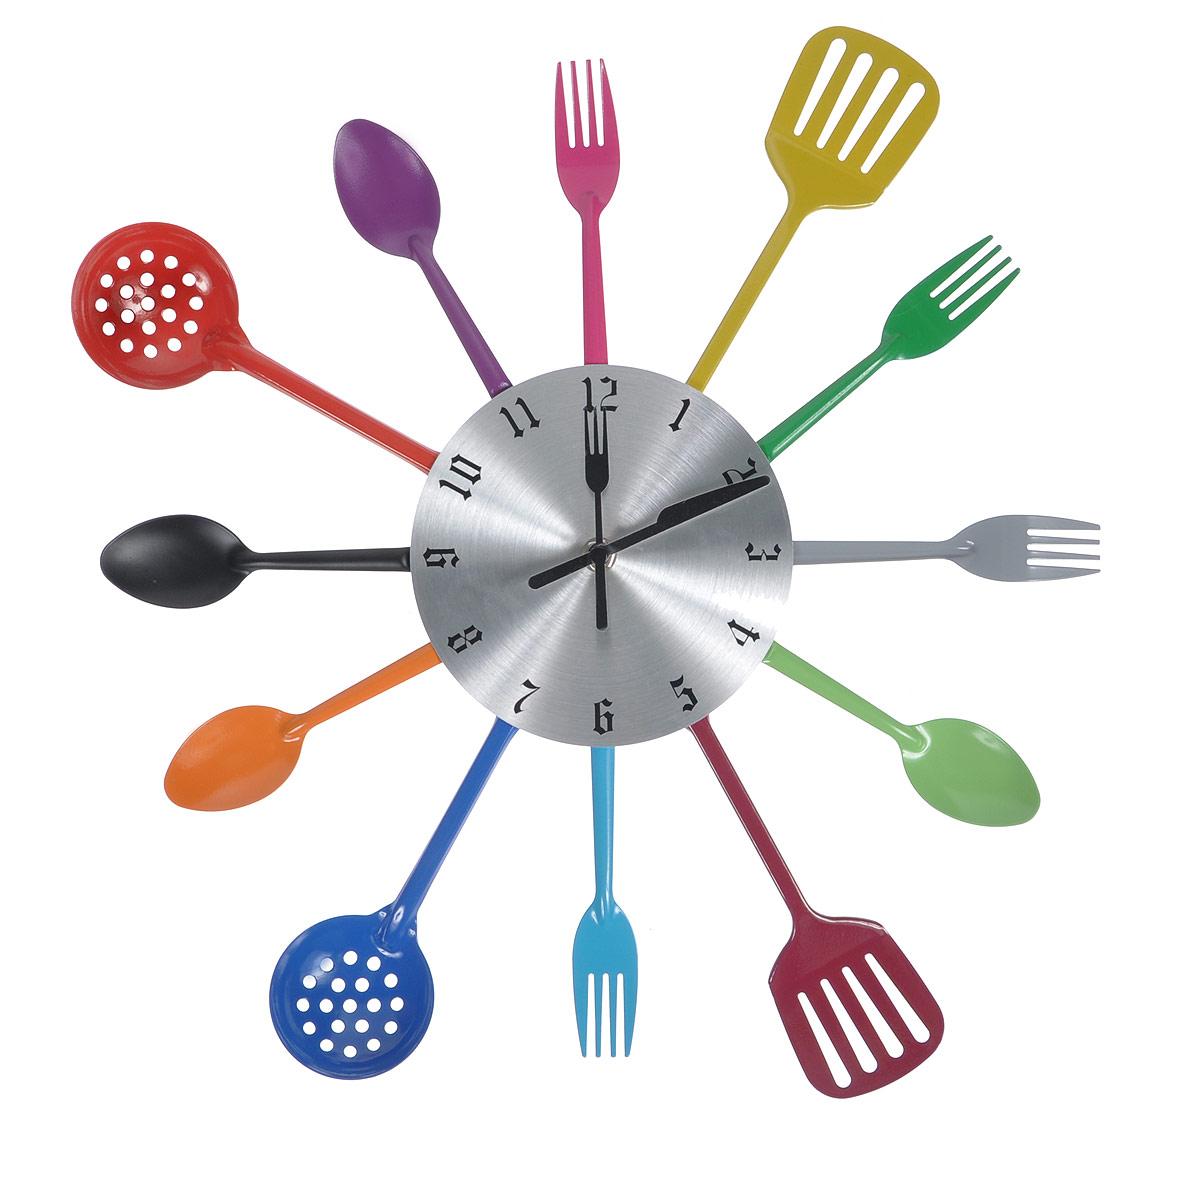 Часы настенные Поваренок. 9520696599Оригинальные настенные часы Поваренок прекрасно подойдут к интерьеру кухни. Корпус выполнен из пластика и оформлен по кругу металлическими декоративными элементами в виде разноцветных кухонных приборов. Часы красиво оформят интерьер кухни и станут прекрасным подарком к любому случаю. Диаметр циферблата: 15 см. Общий диаметр часов: 39 см.